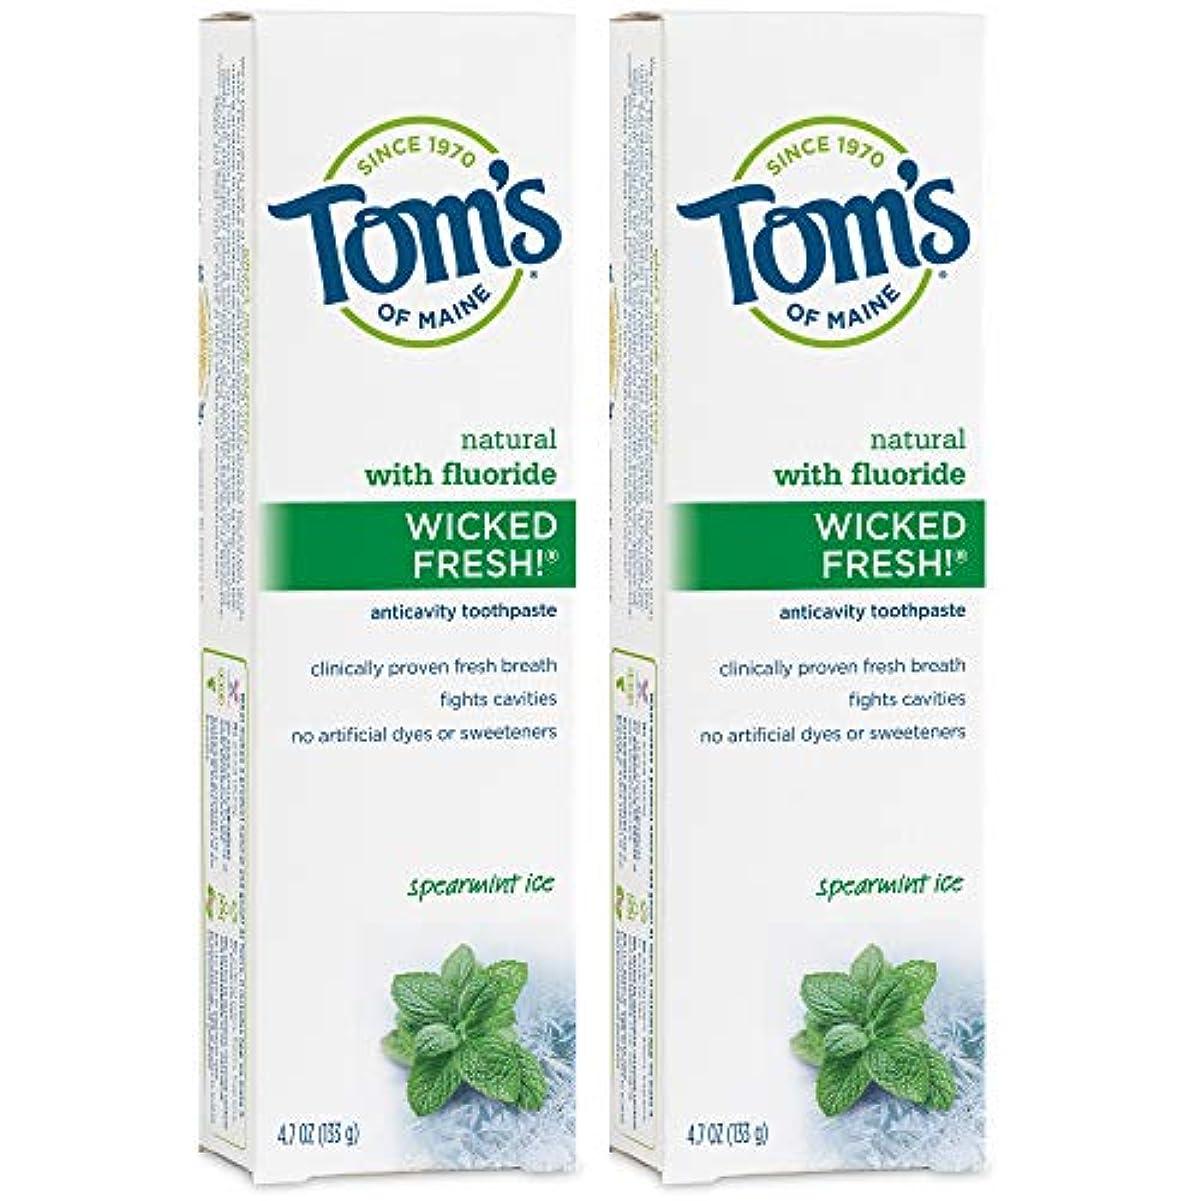 俳優メンダシティラボTom's of Maine Wicked Fresh Long Lasting Fresh Breath Fluoride Toothpaste, Spearmint Ice, 4.7-Ounce by Tom's of Maine